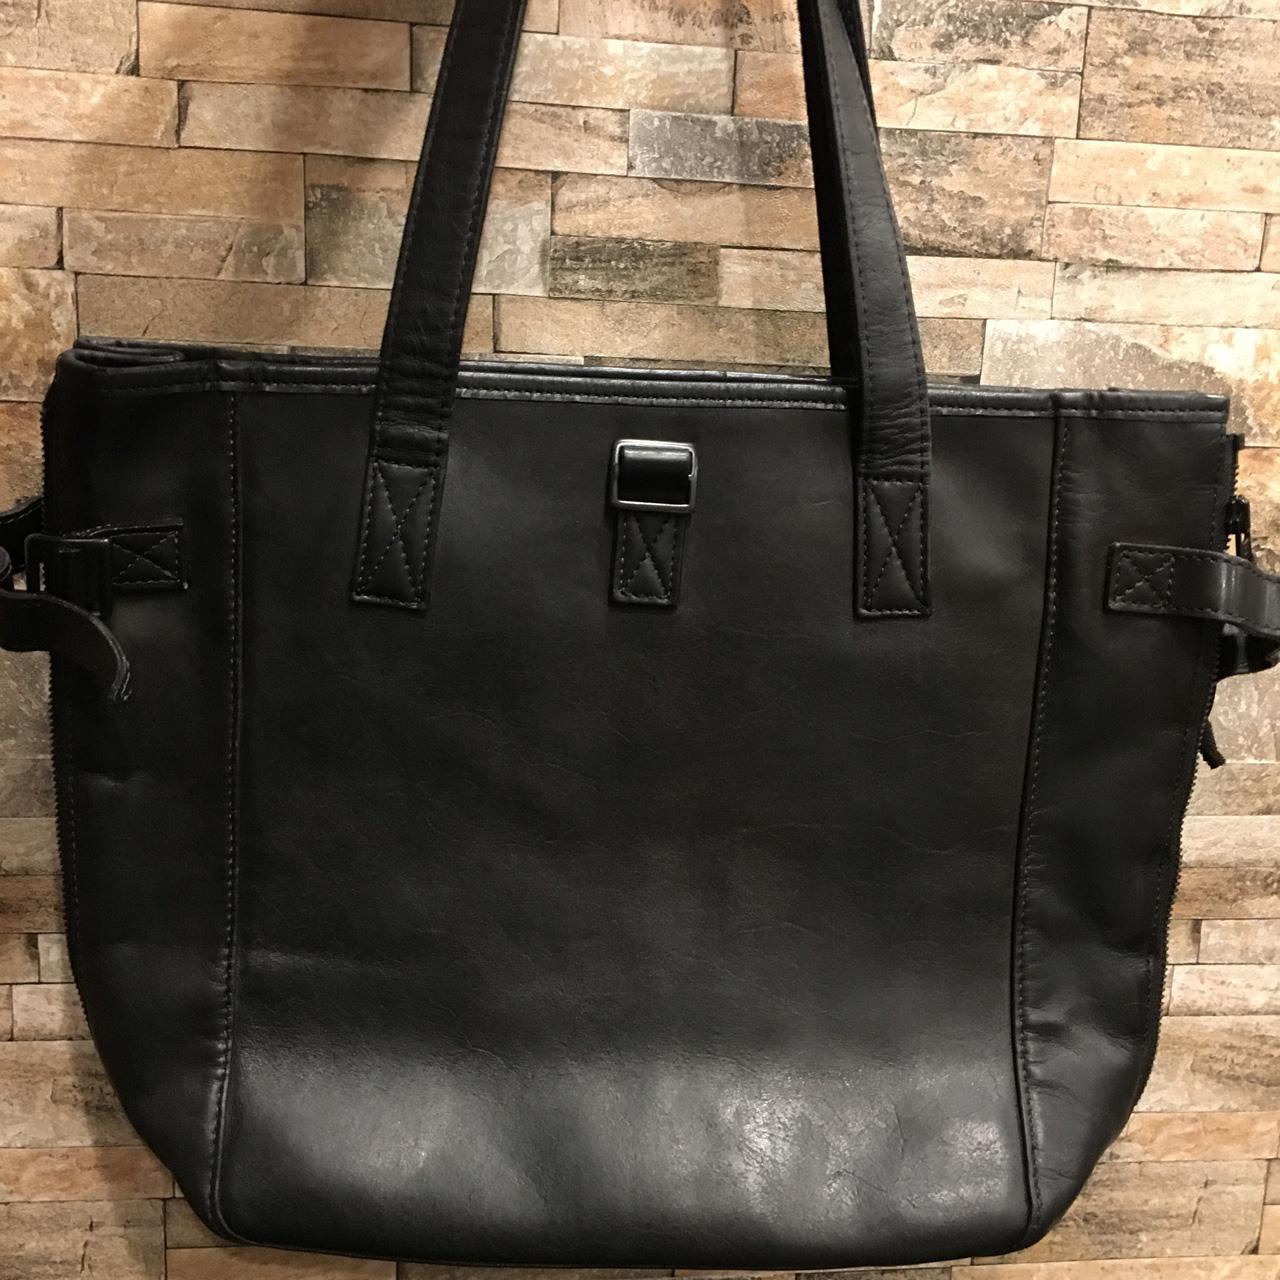 鞄(バッグ)修理のメニューを更新致しました!